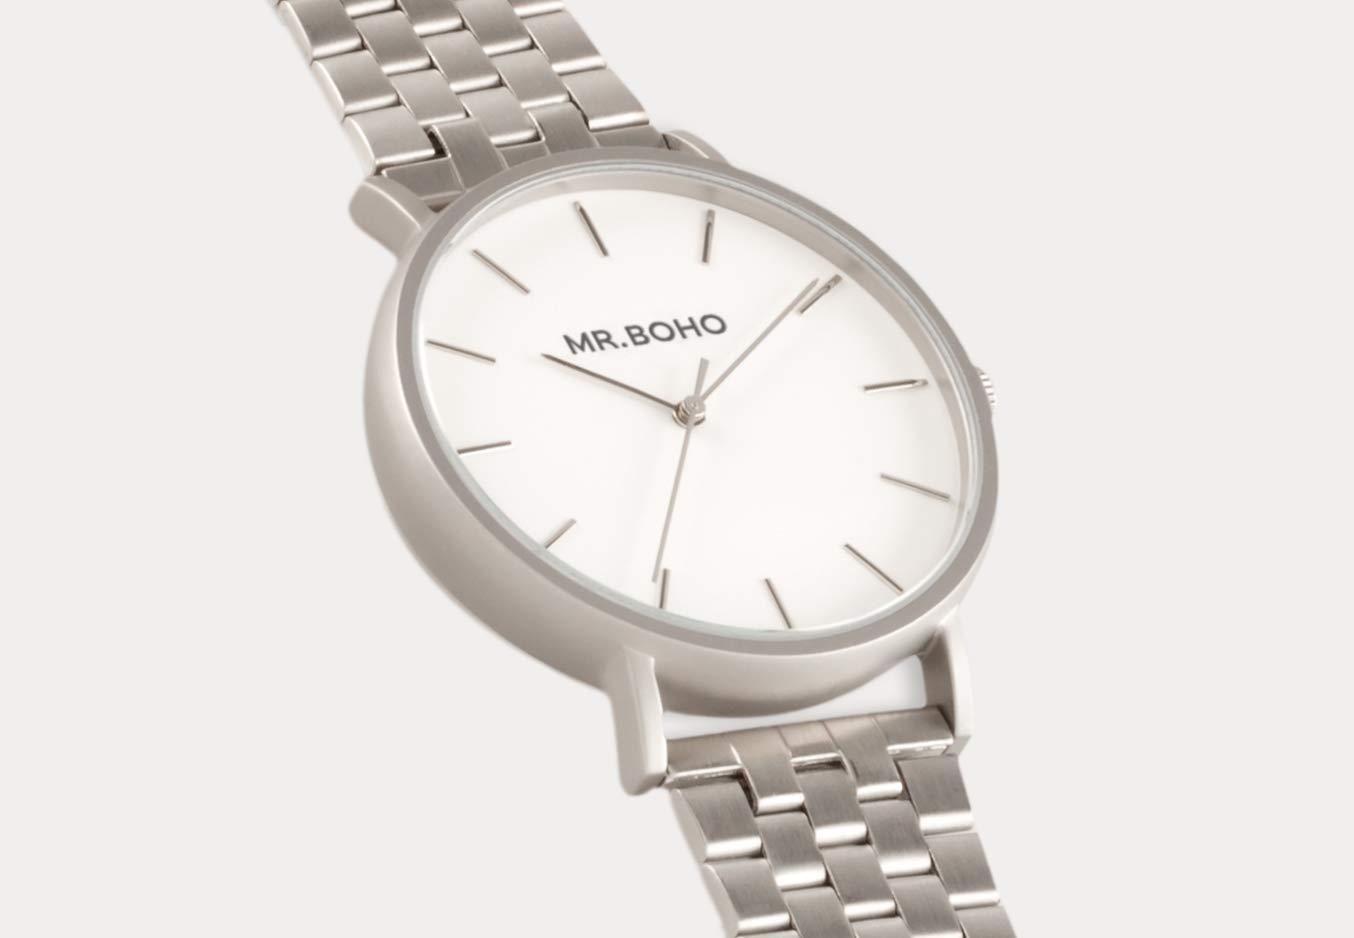 Reloj mr. boho 16-v-iw vintage metallic iron acero: Amazon.es: Deportes y aire libre